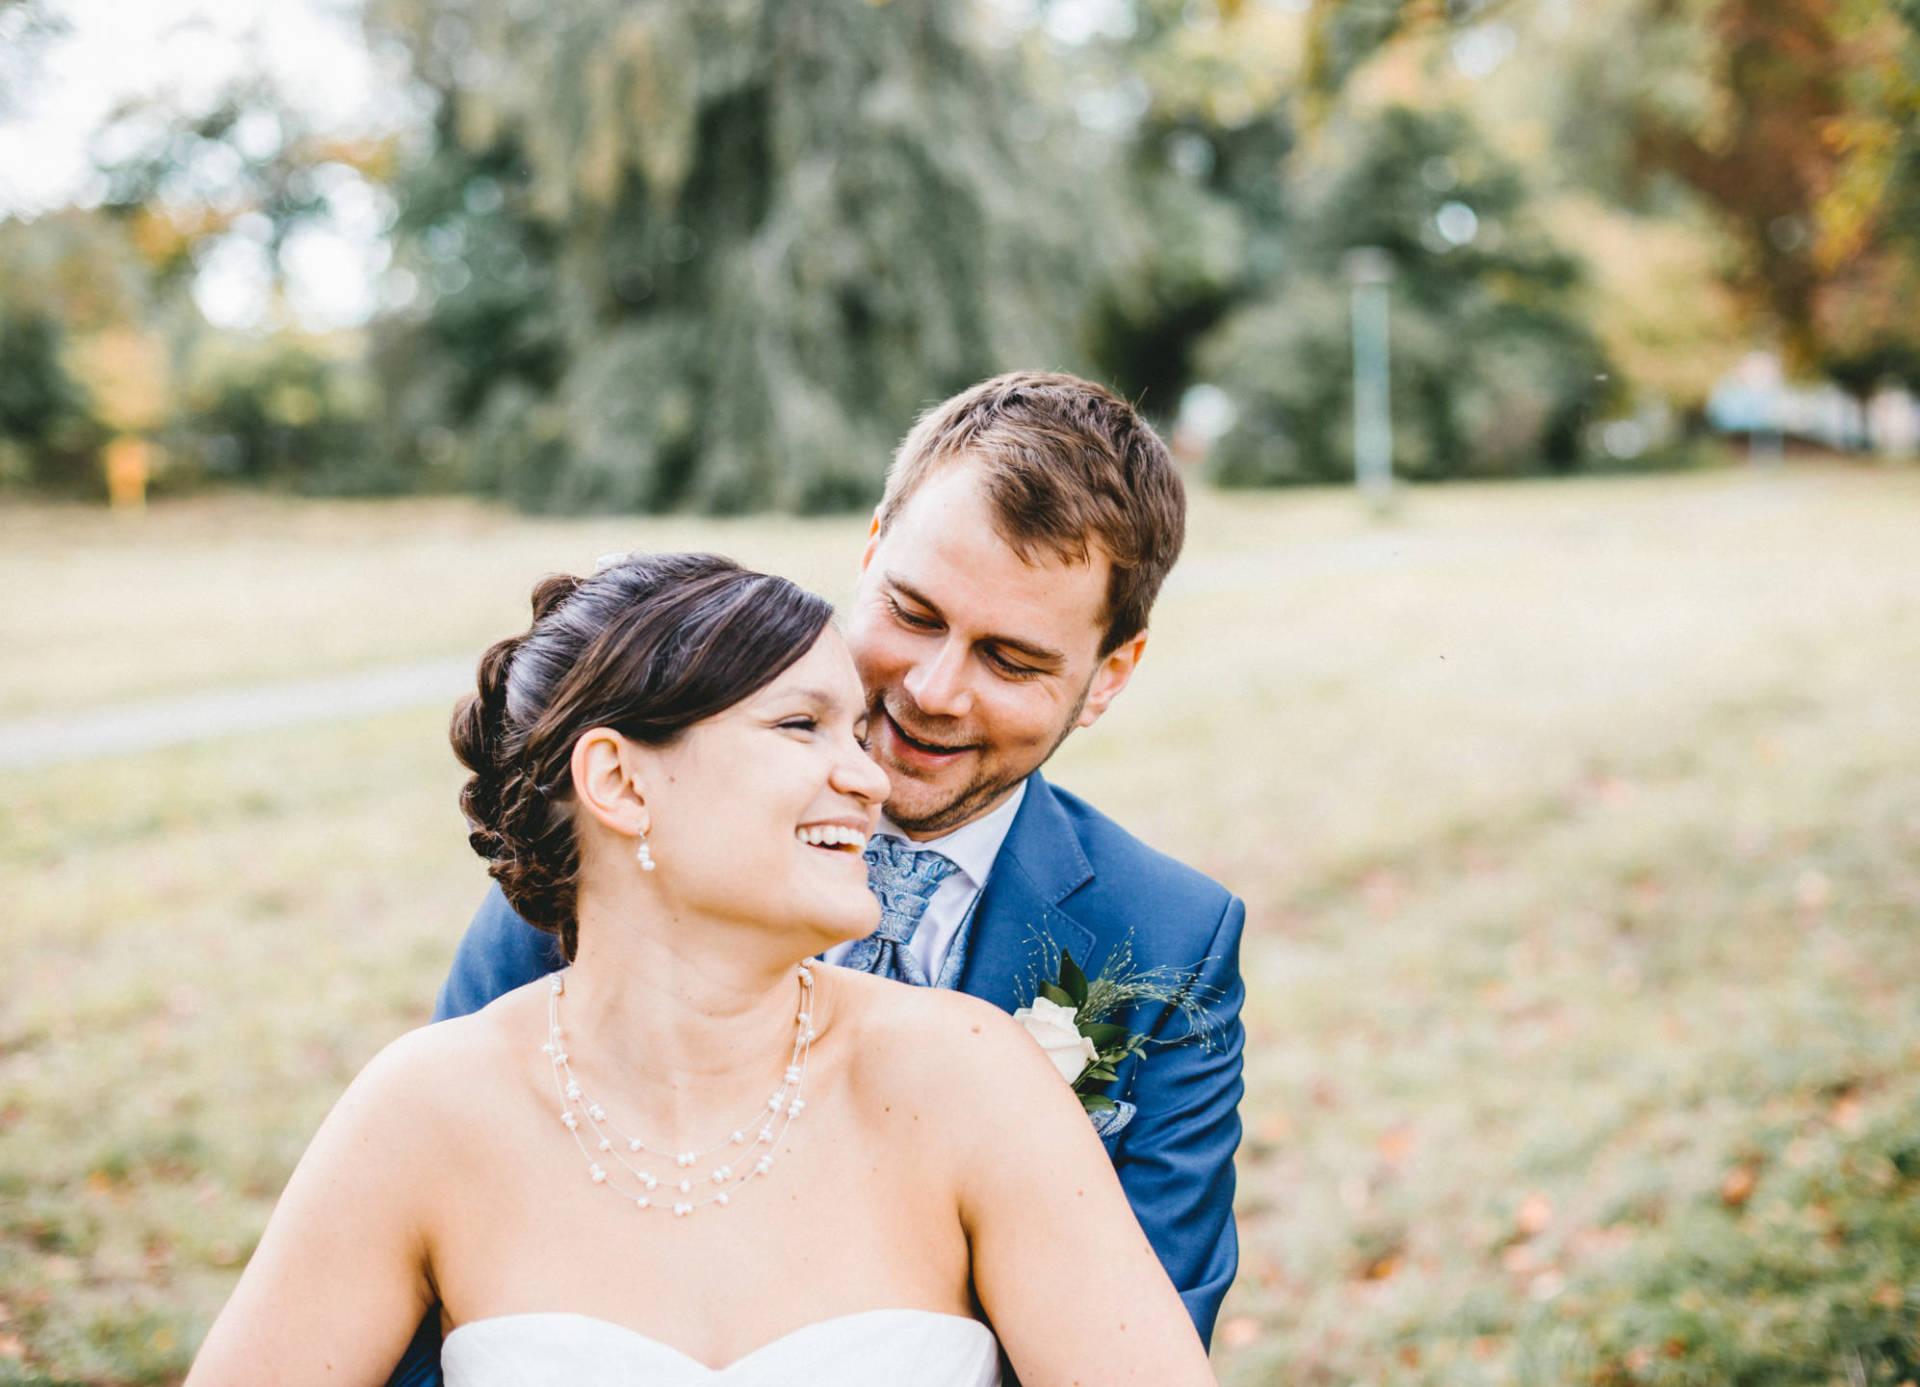 Hochzeitsreportage | Hochzeit im Paradies Jena | 16